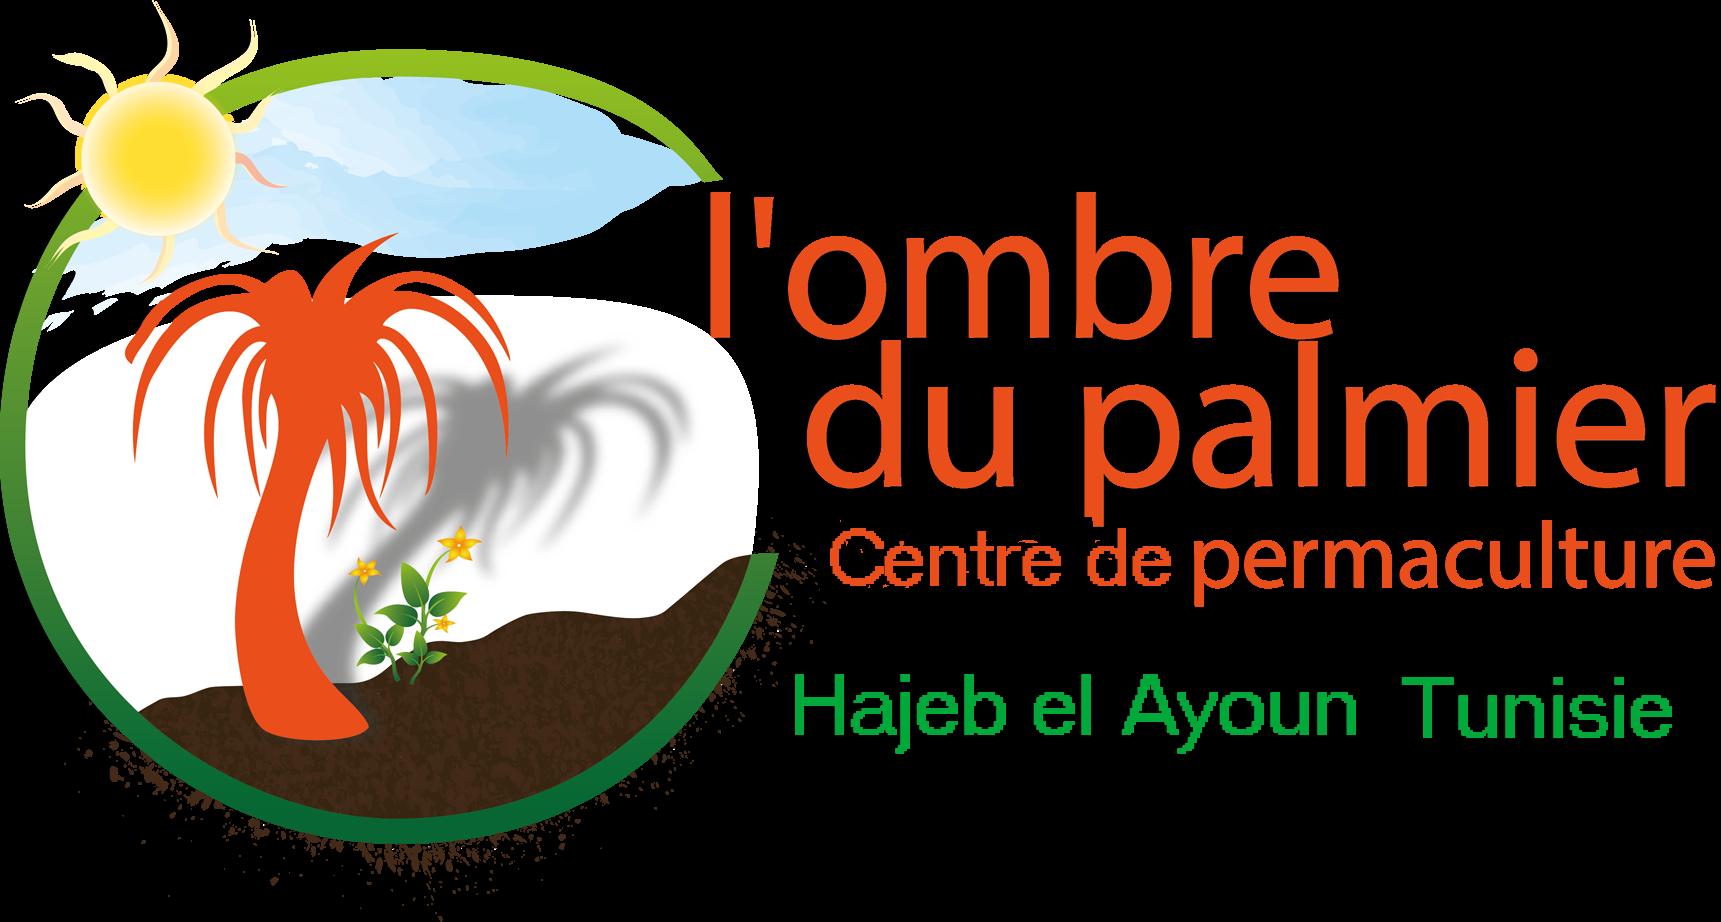 L'ombre du palmier Centre de permaculture